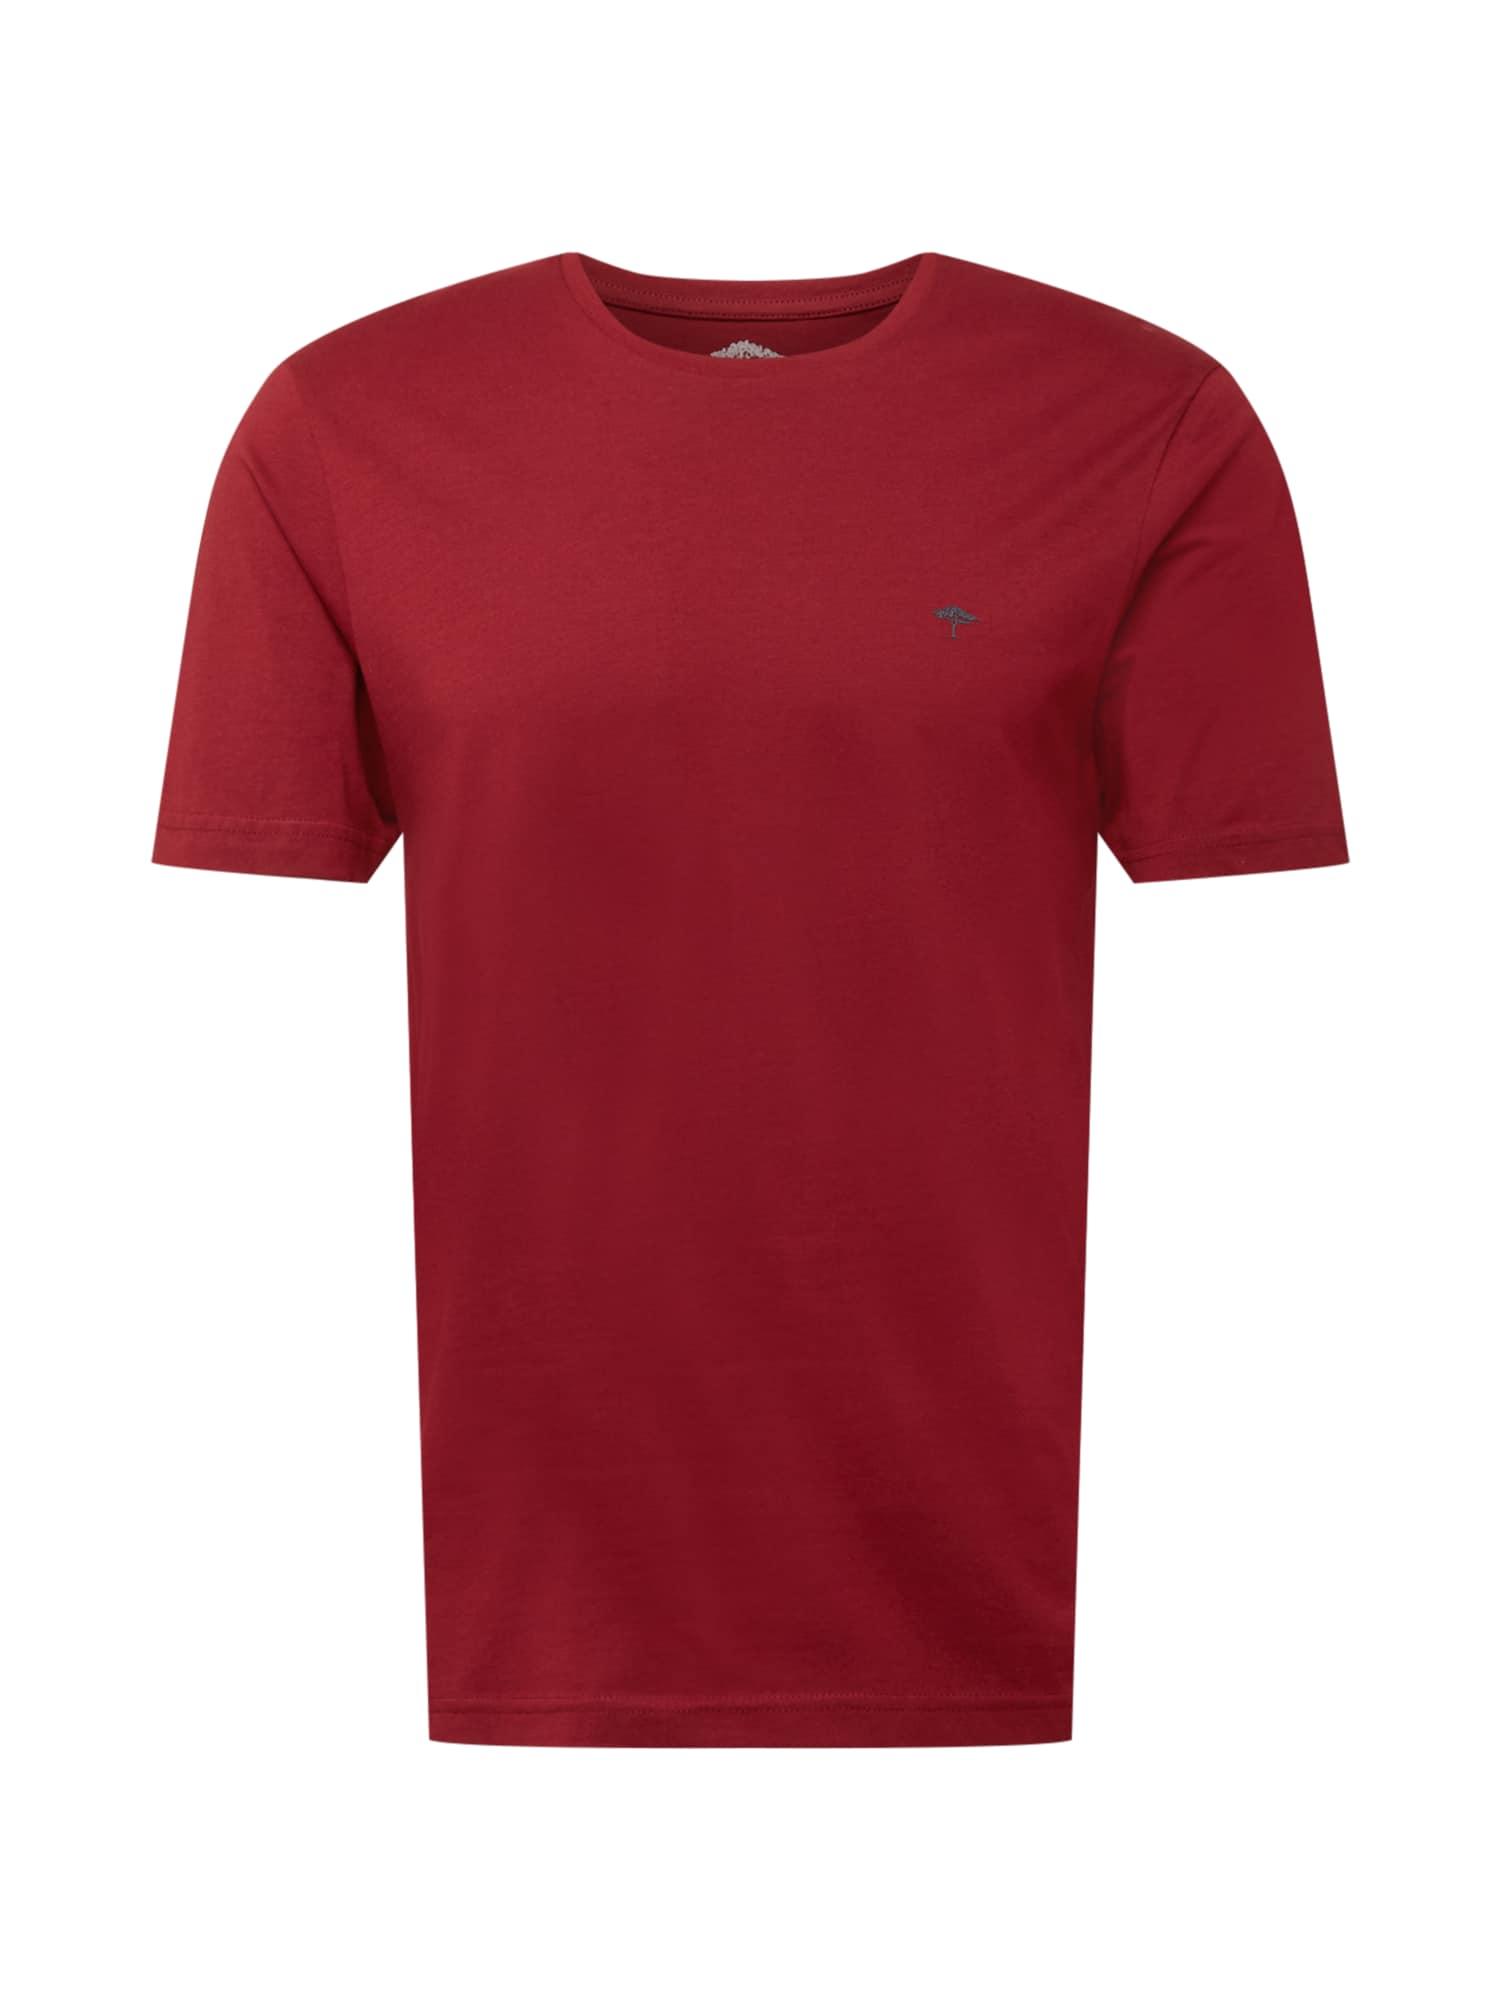 FYNCH-HATTON Marškinėliai tamsiai raudona